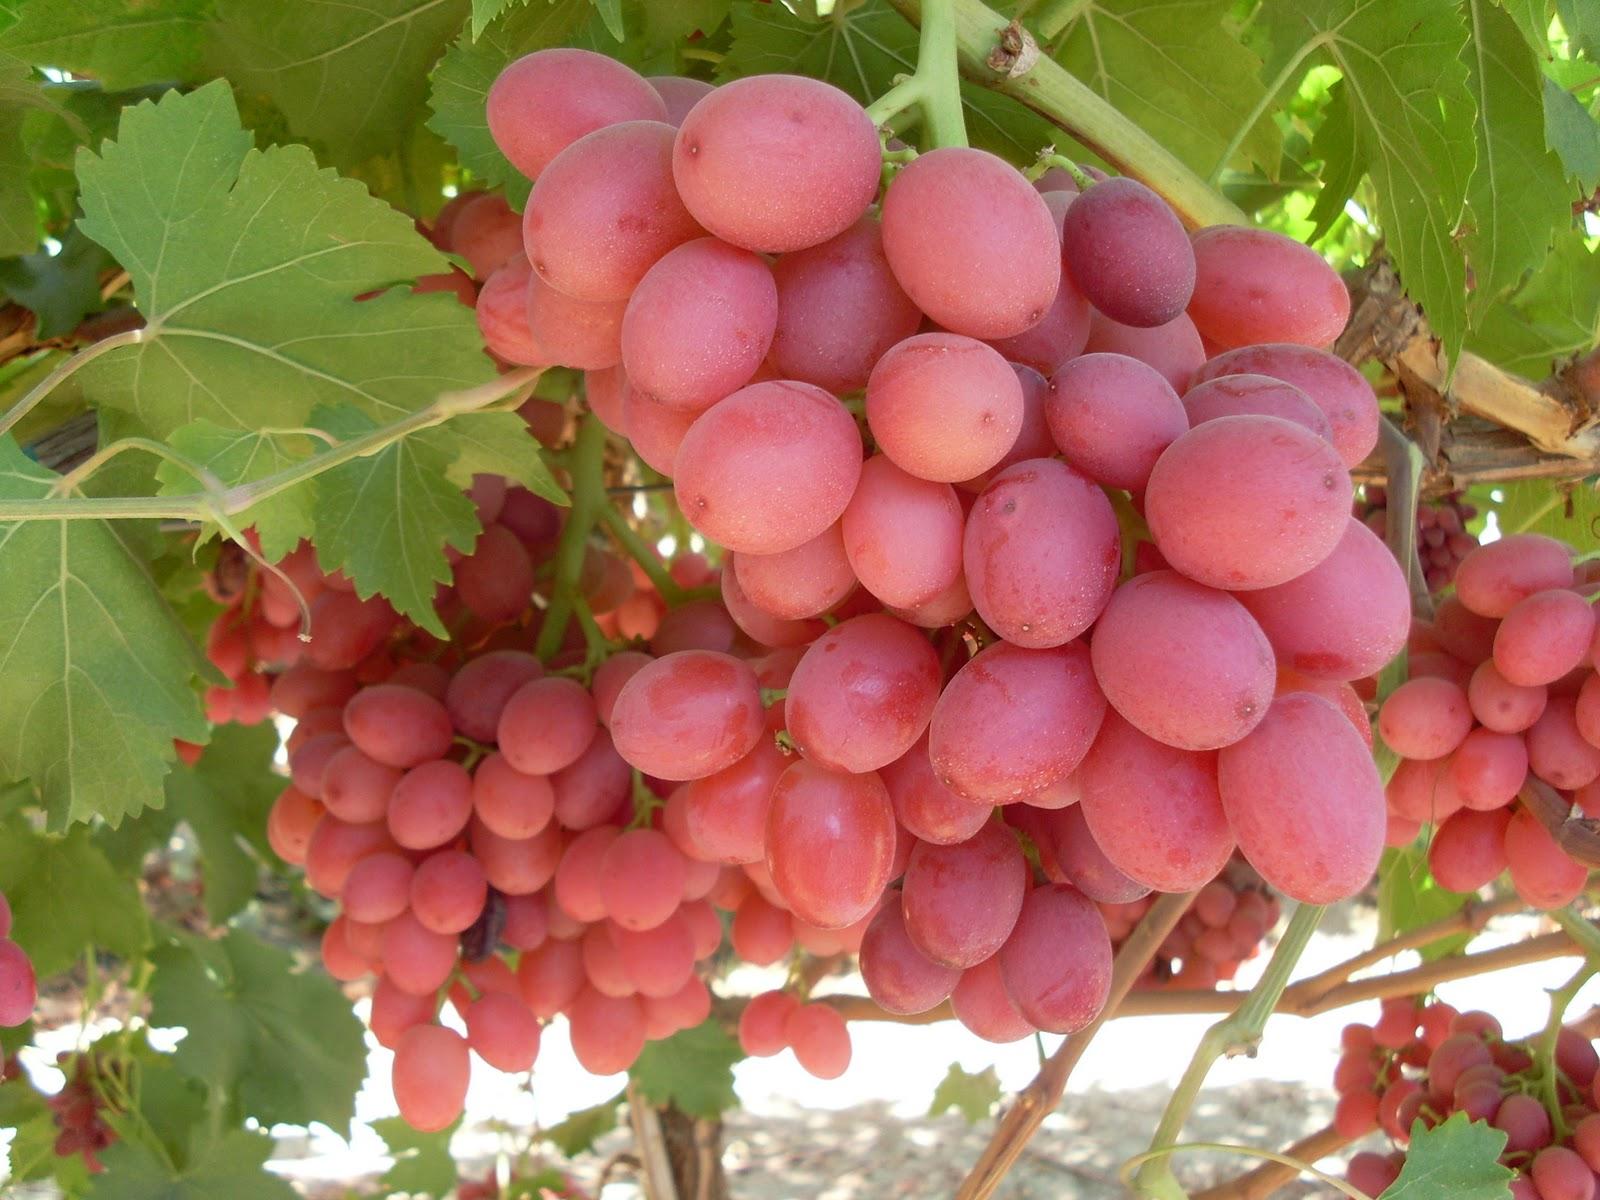 Viticulturaiapb las nuevas variedades de uva de mesa que llegaran a chile - Variedades de uva de mesa ...